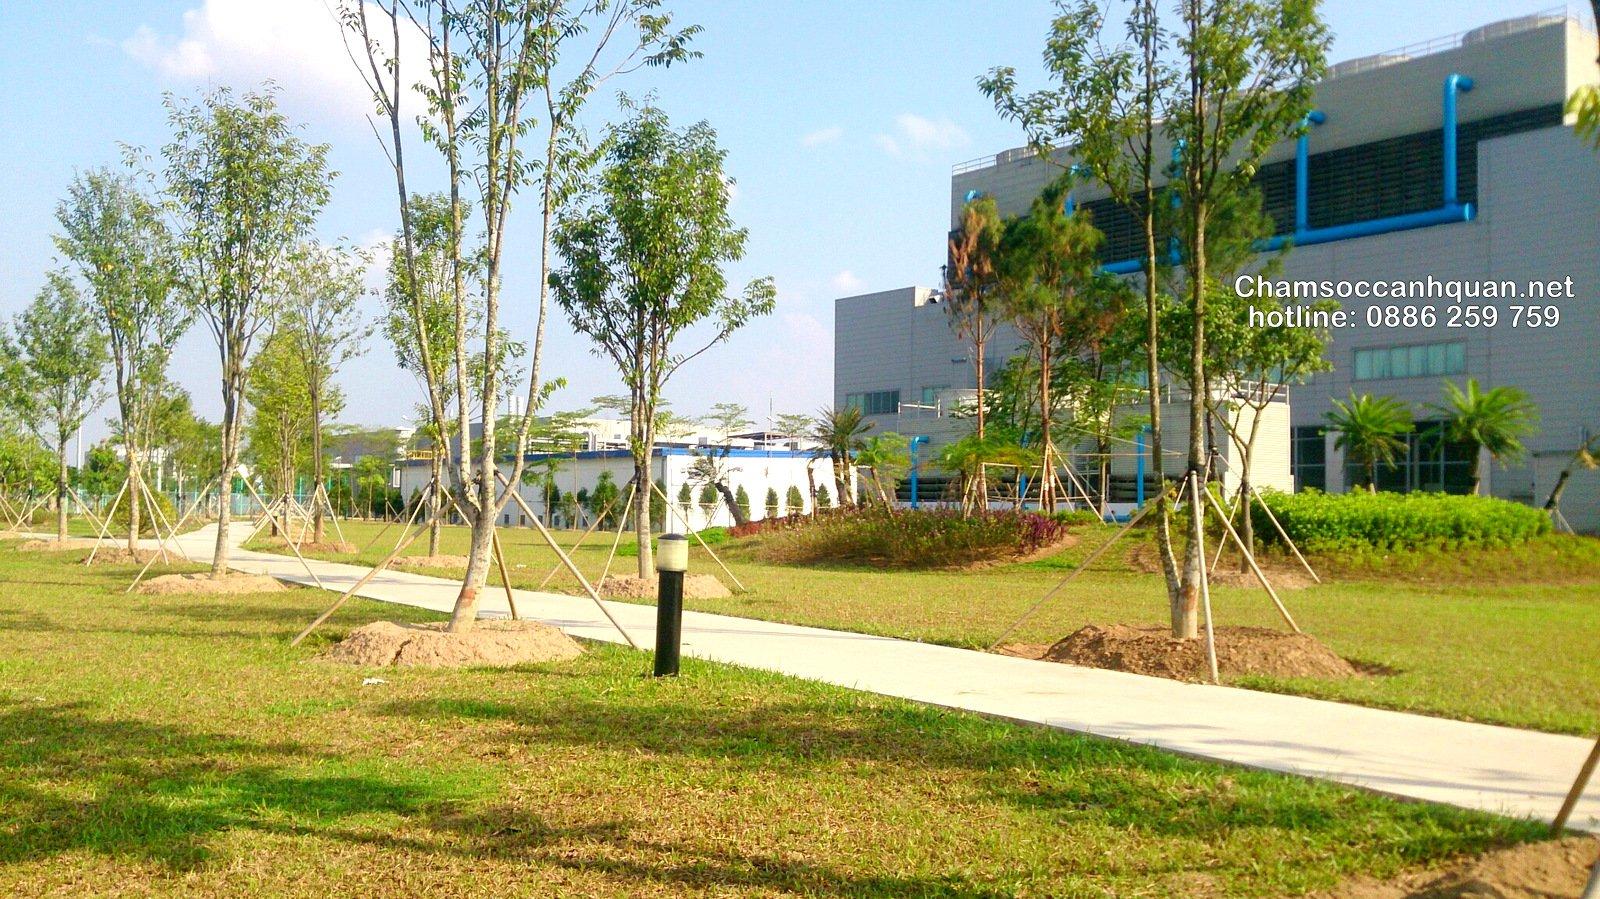 Cảnh quan nhà máy Samsung Bắc Ninh sau 1 năm thi công